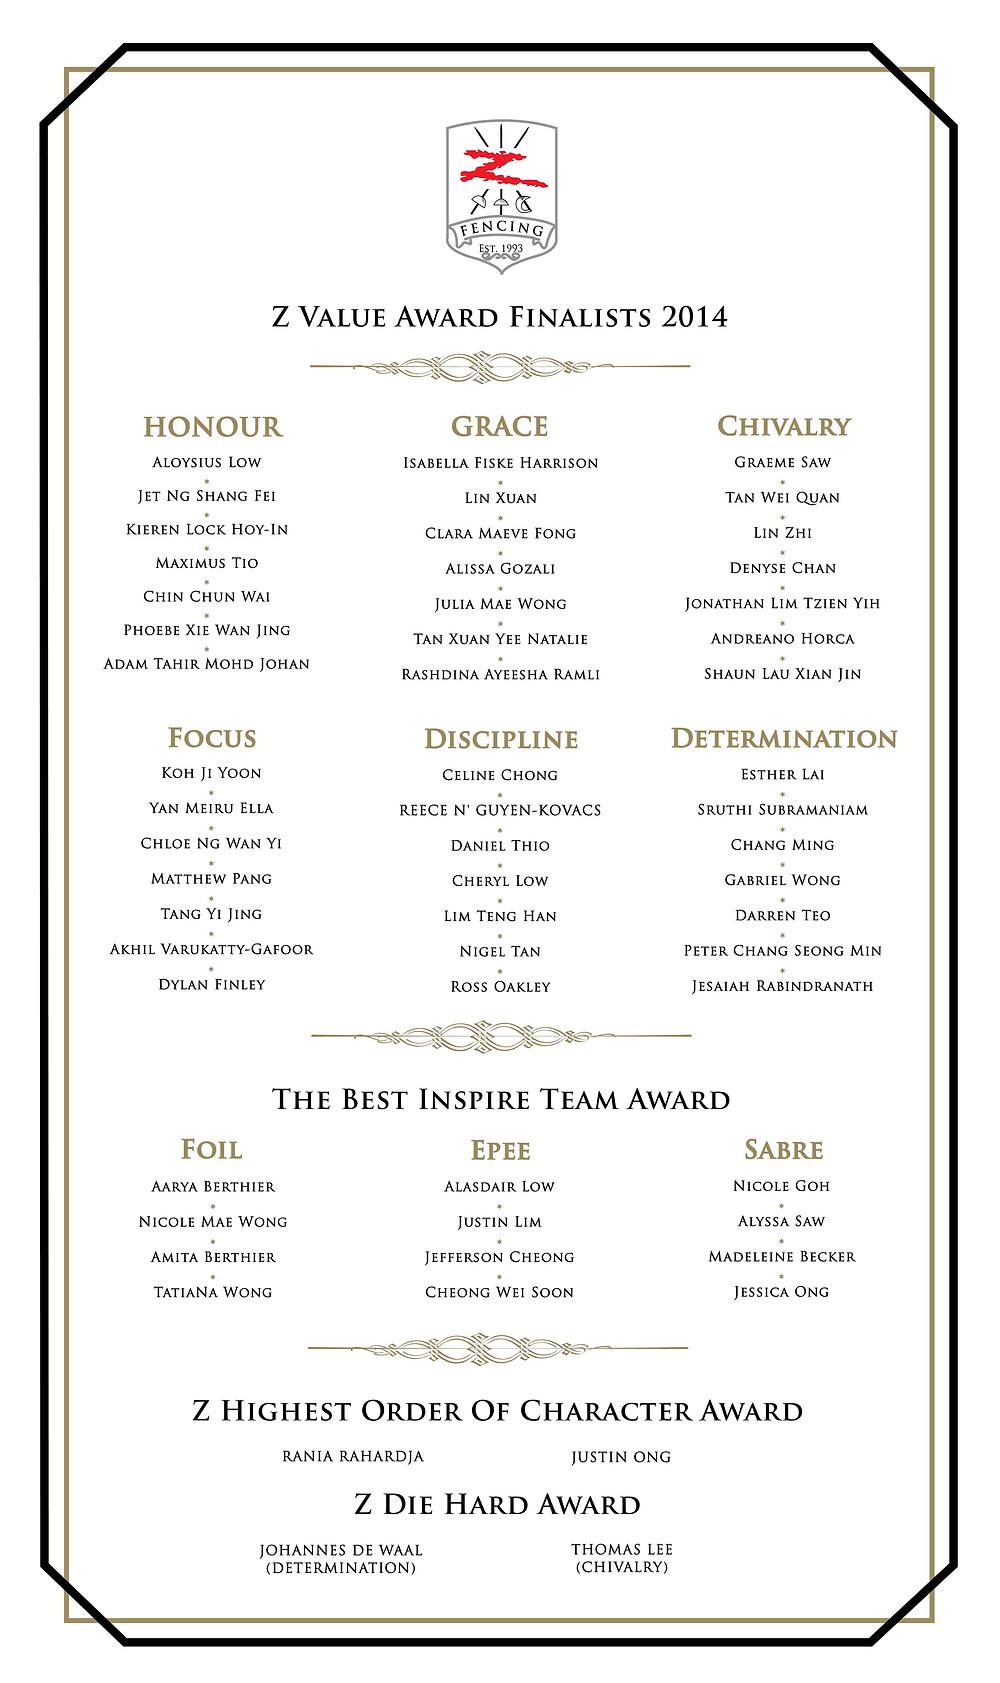 z awards 2014.jpg